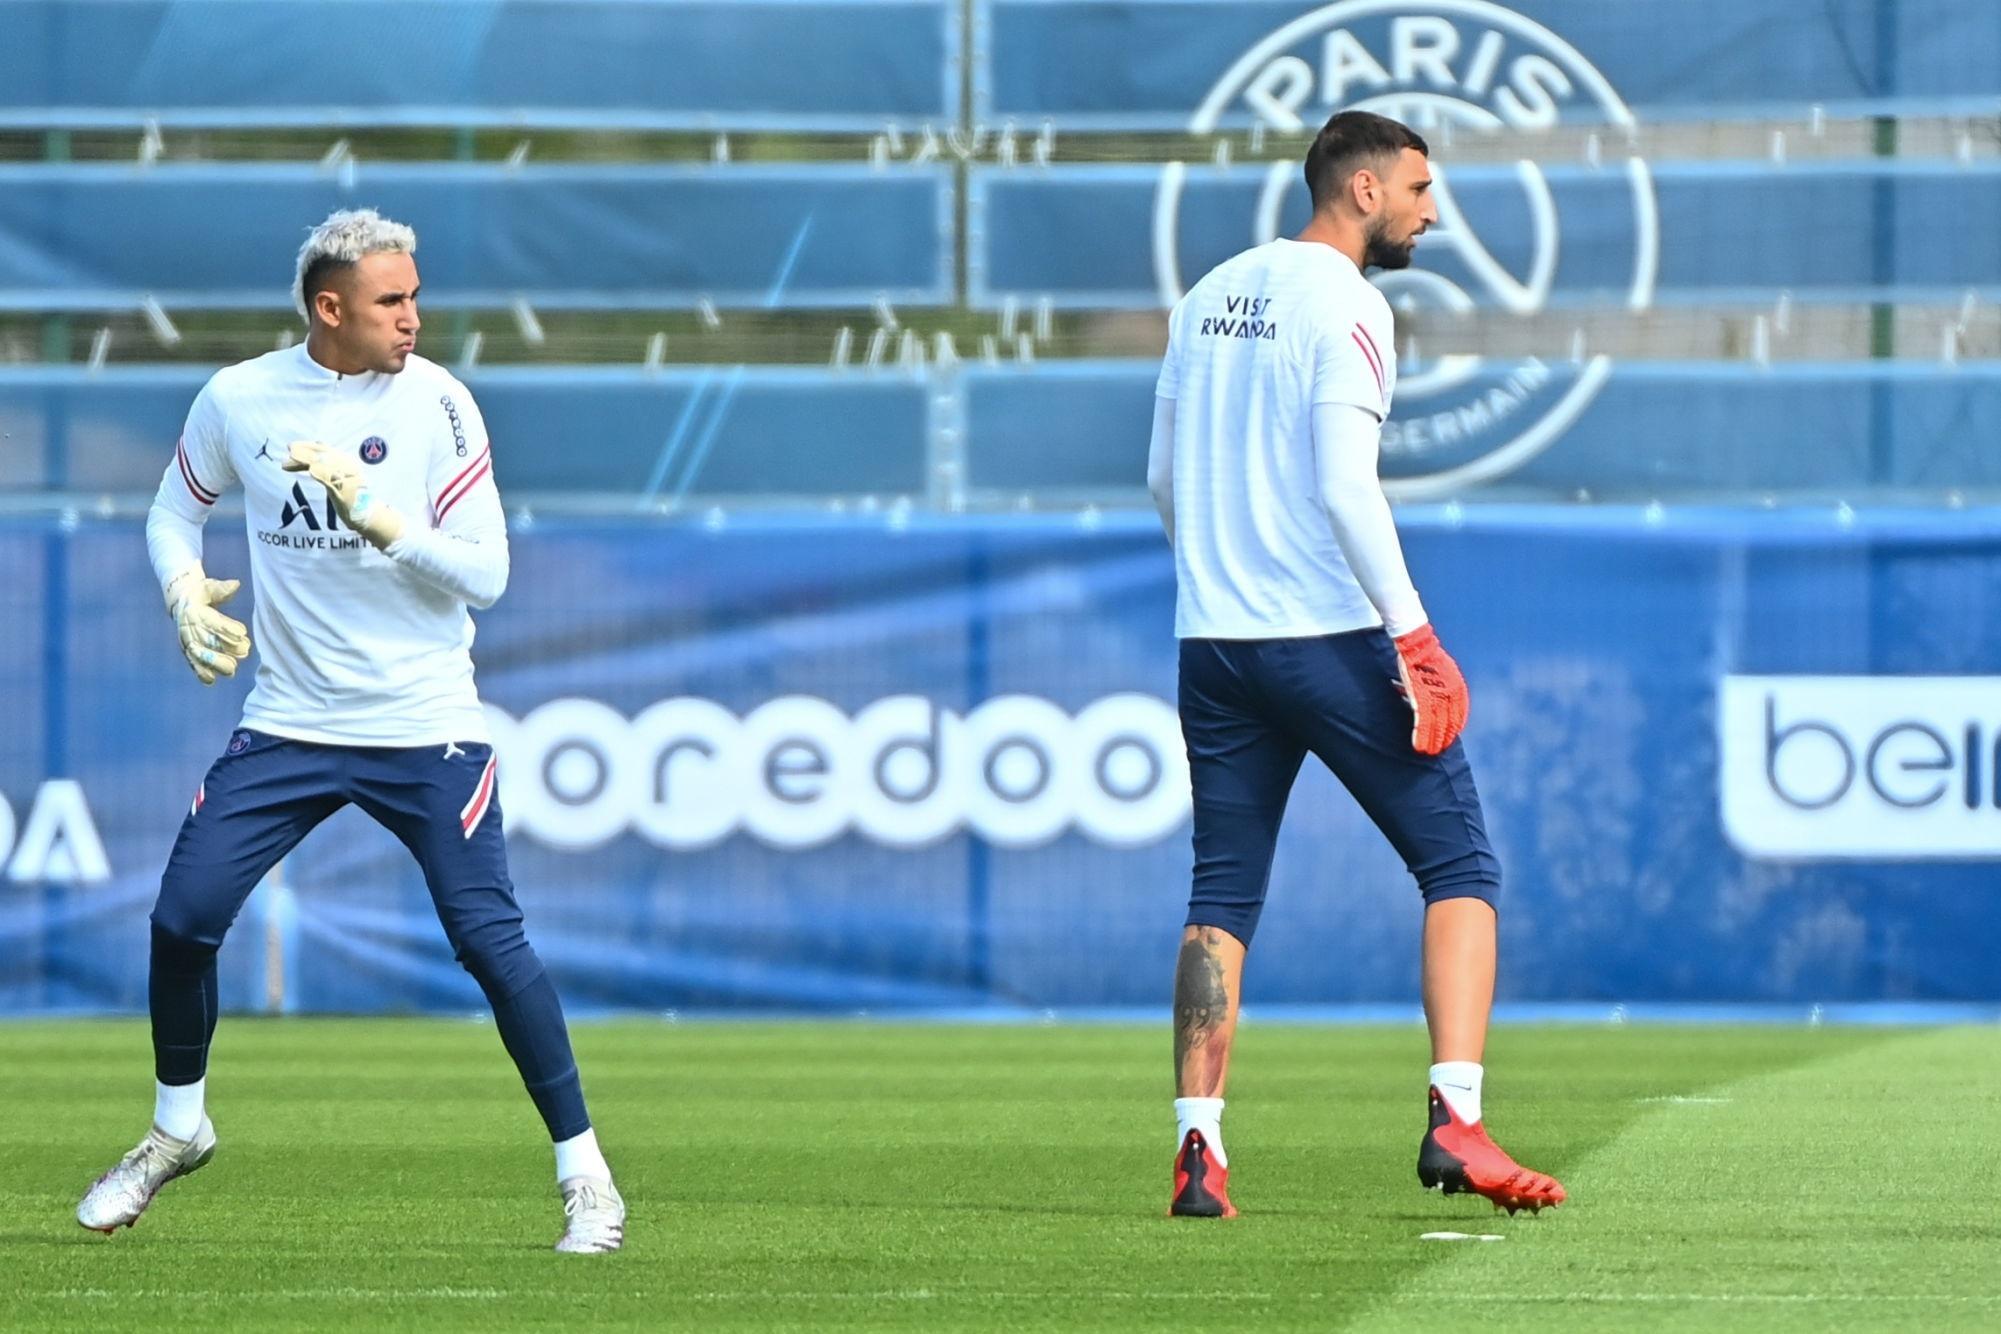 Donnarumma et Navas participent à des jeu hors des buts avec les joueurs, indique Le Parisien